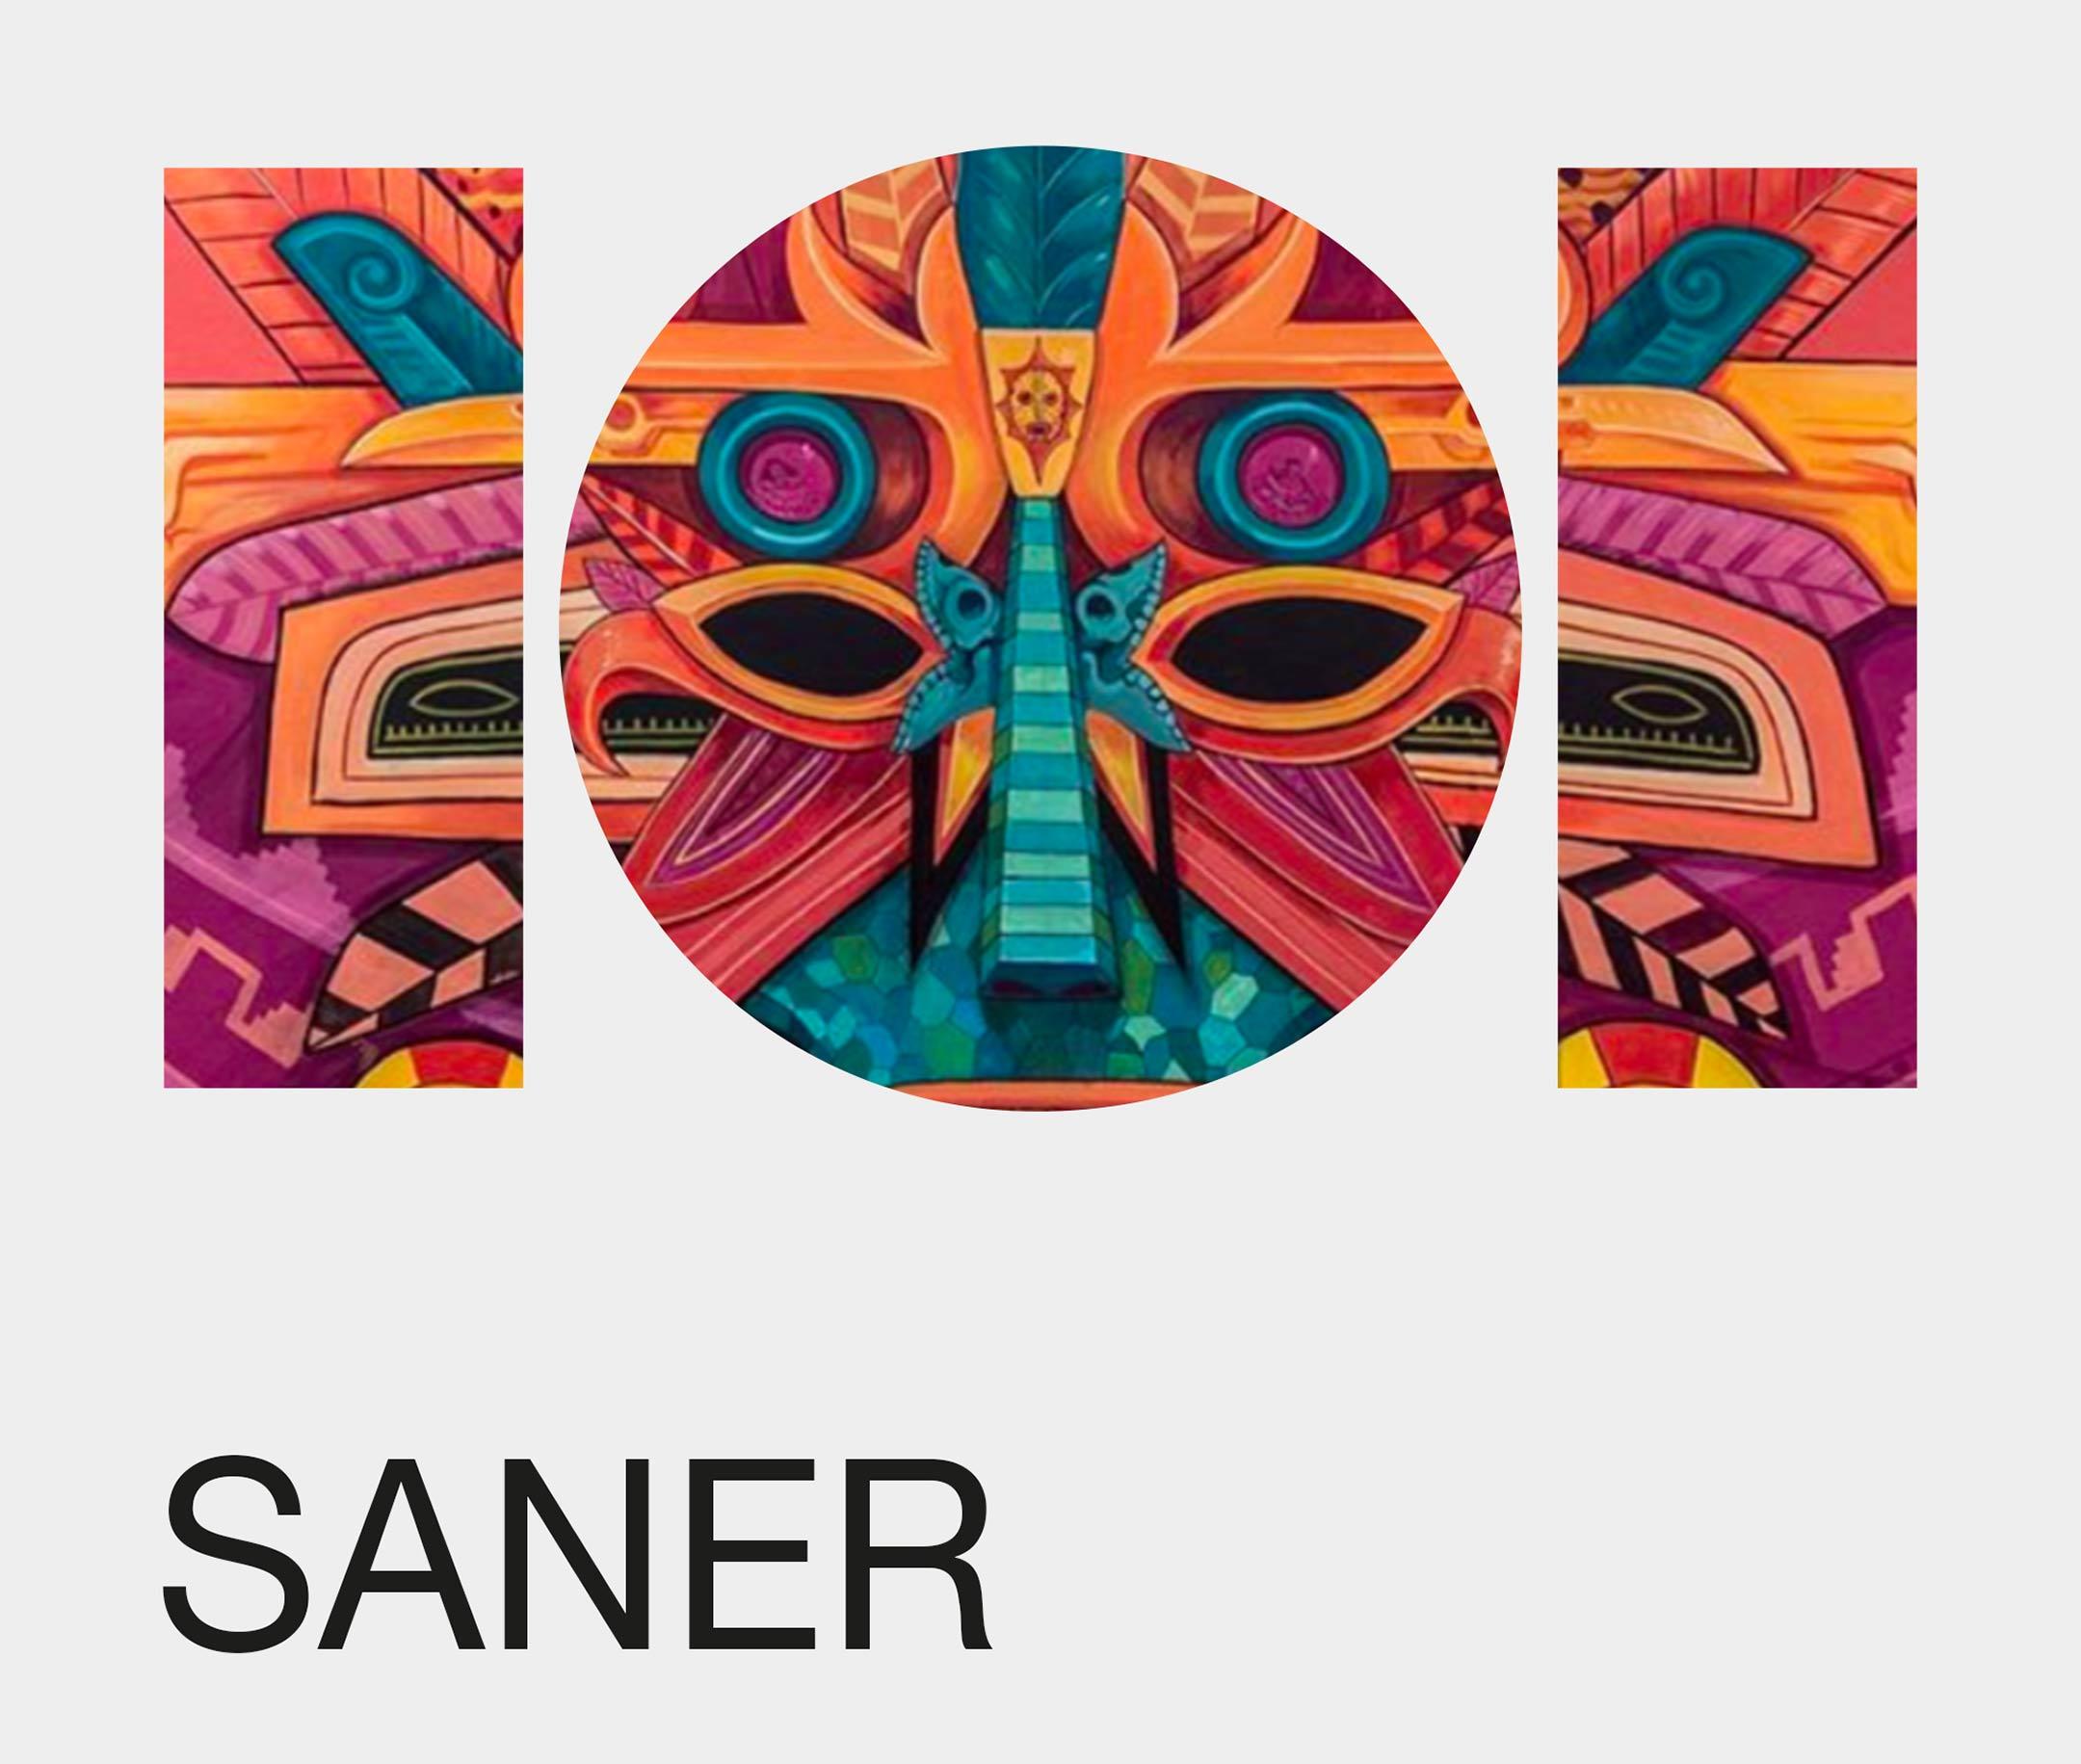 SANER_IG